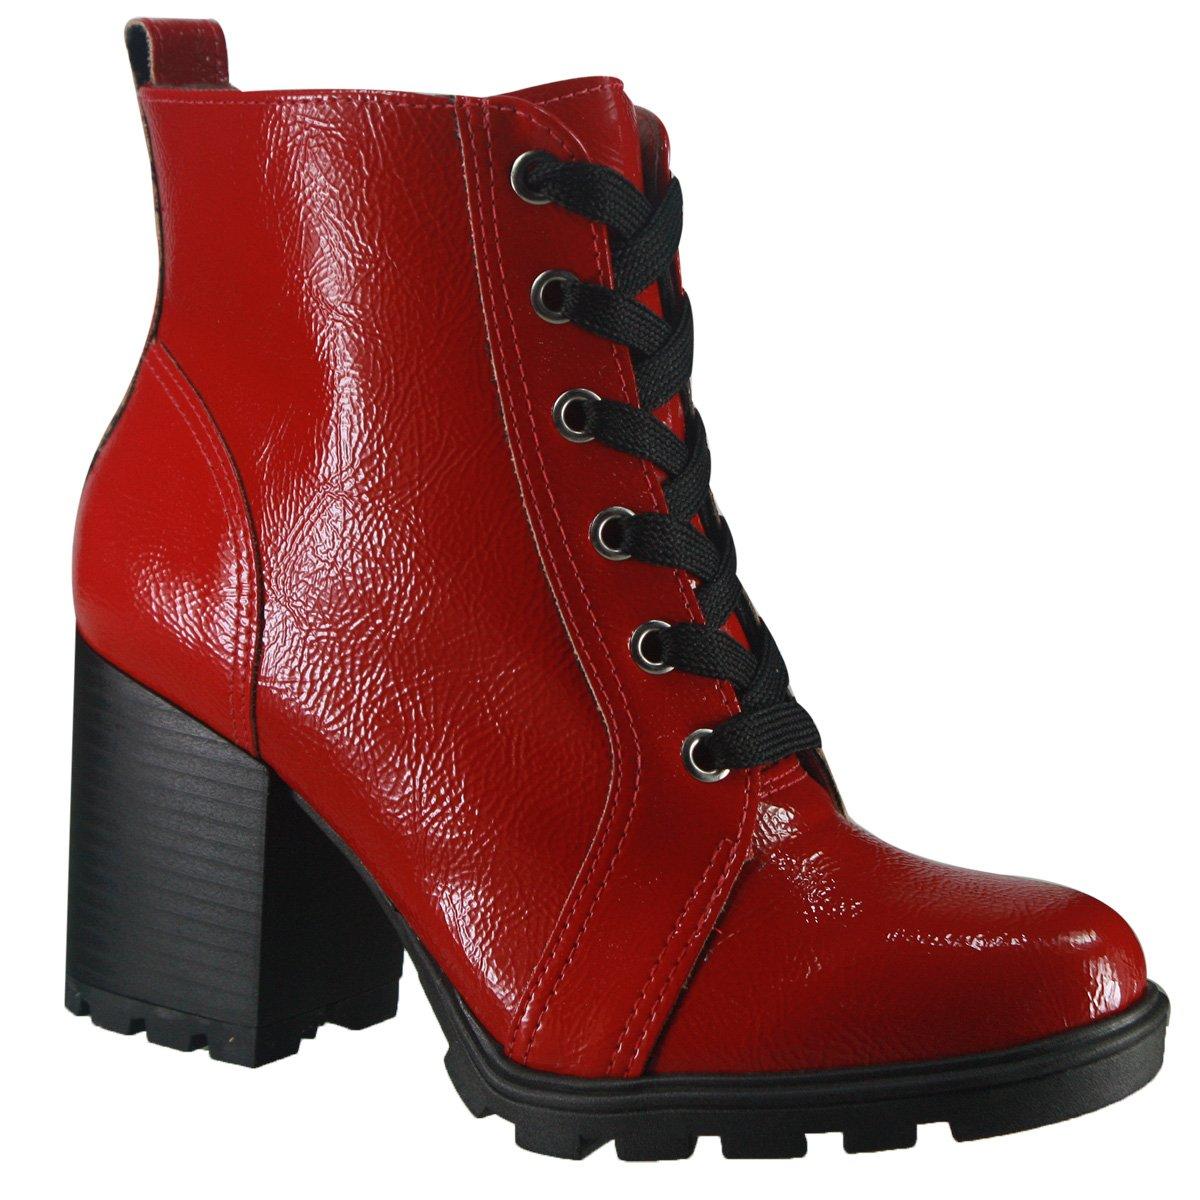 a3bcc1841a Bota Via Marte Ankle Boot 18-2603 - Vermelho (Verniz Glamour ...